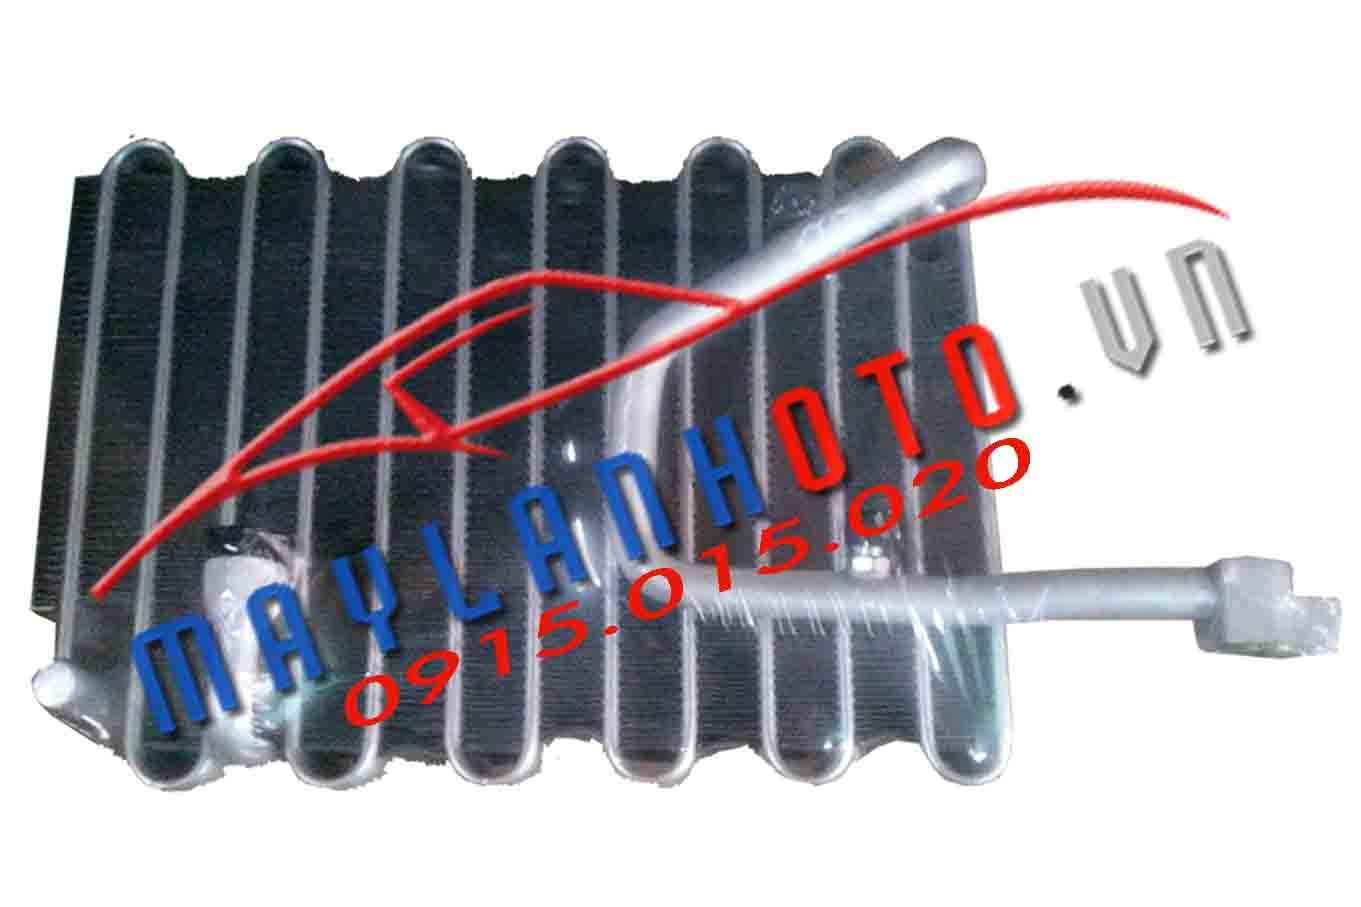 Honda Accord 92 / Dàn lạnh Honda Accord 1992 / Giàn lạnh Honda Accord 1992